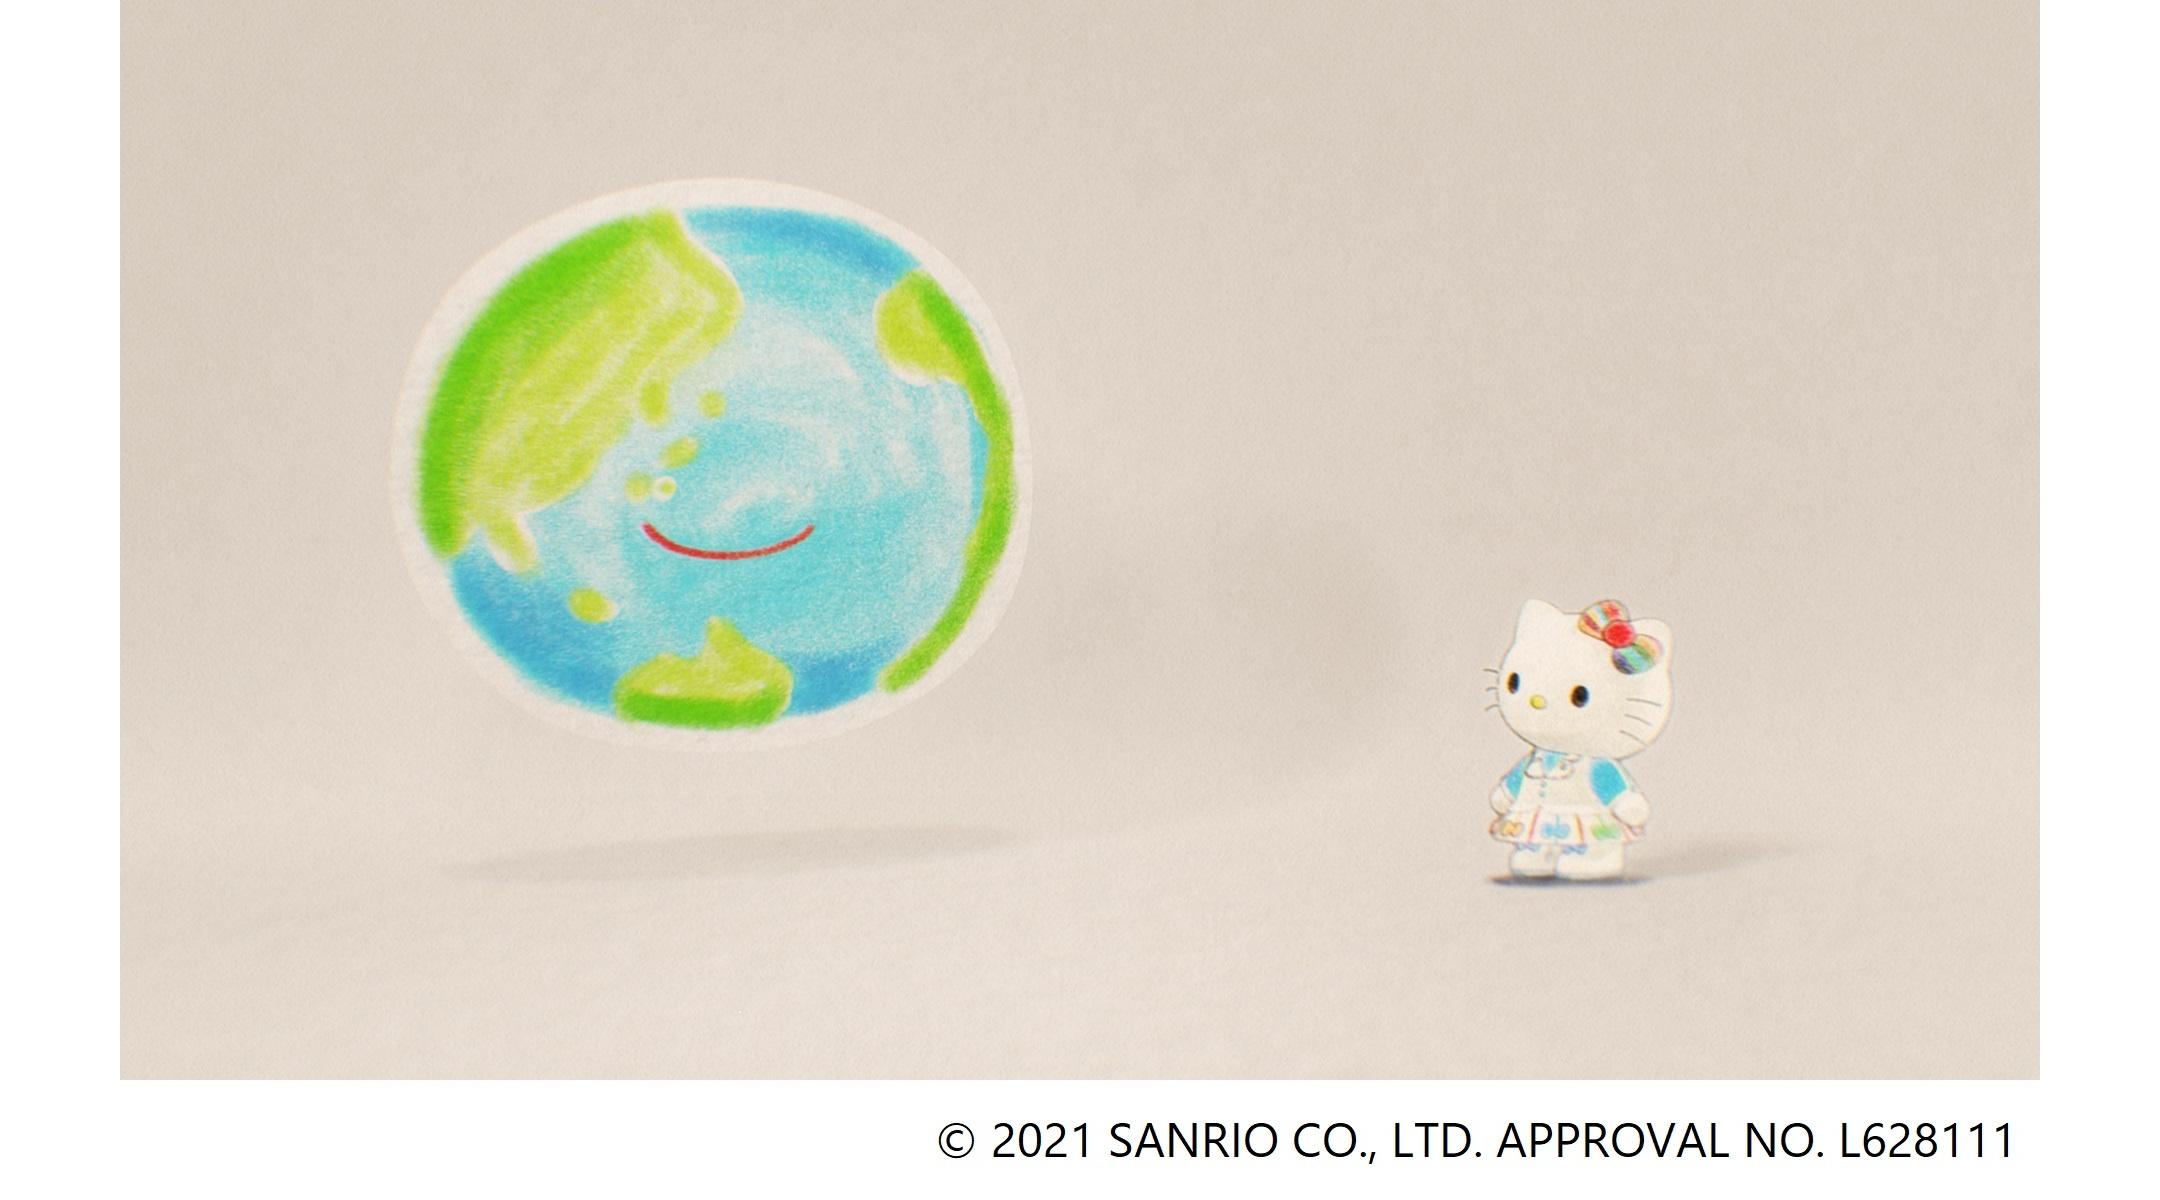 ハローキティが小学生むけにSDGsを伝えるショートムービー「わたし、地球」1